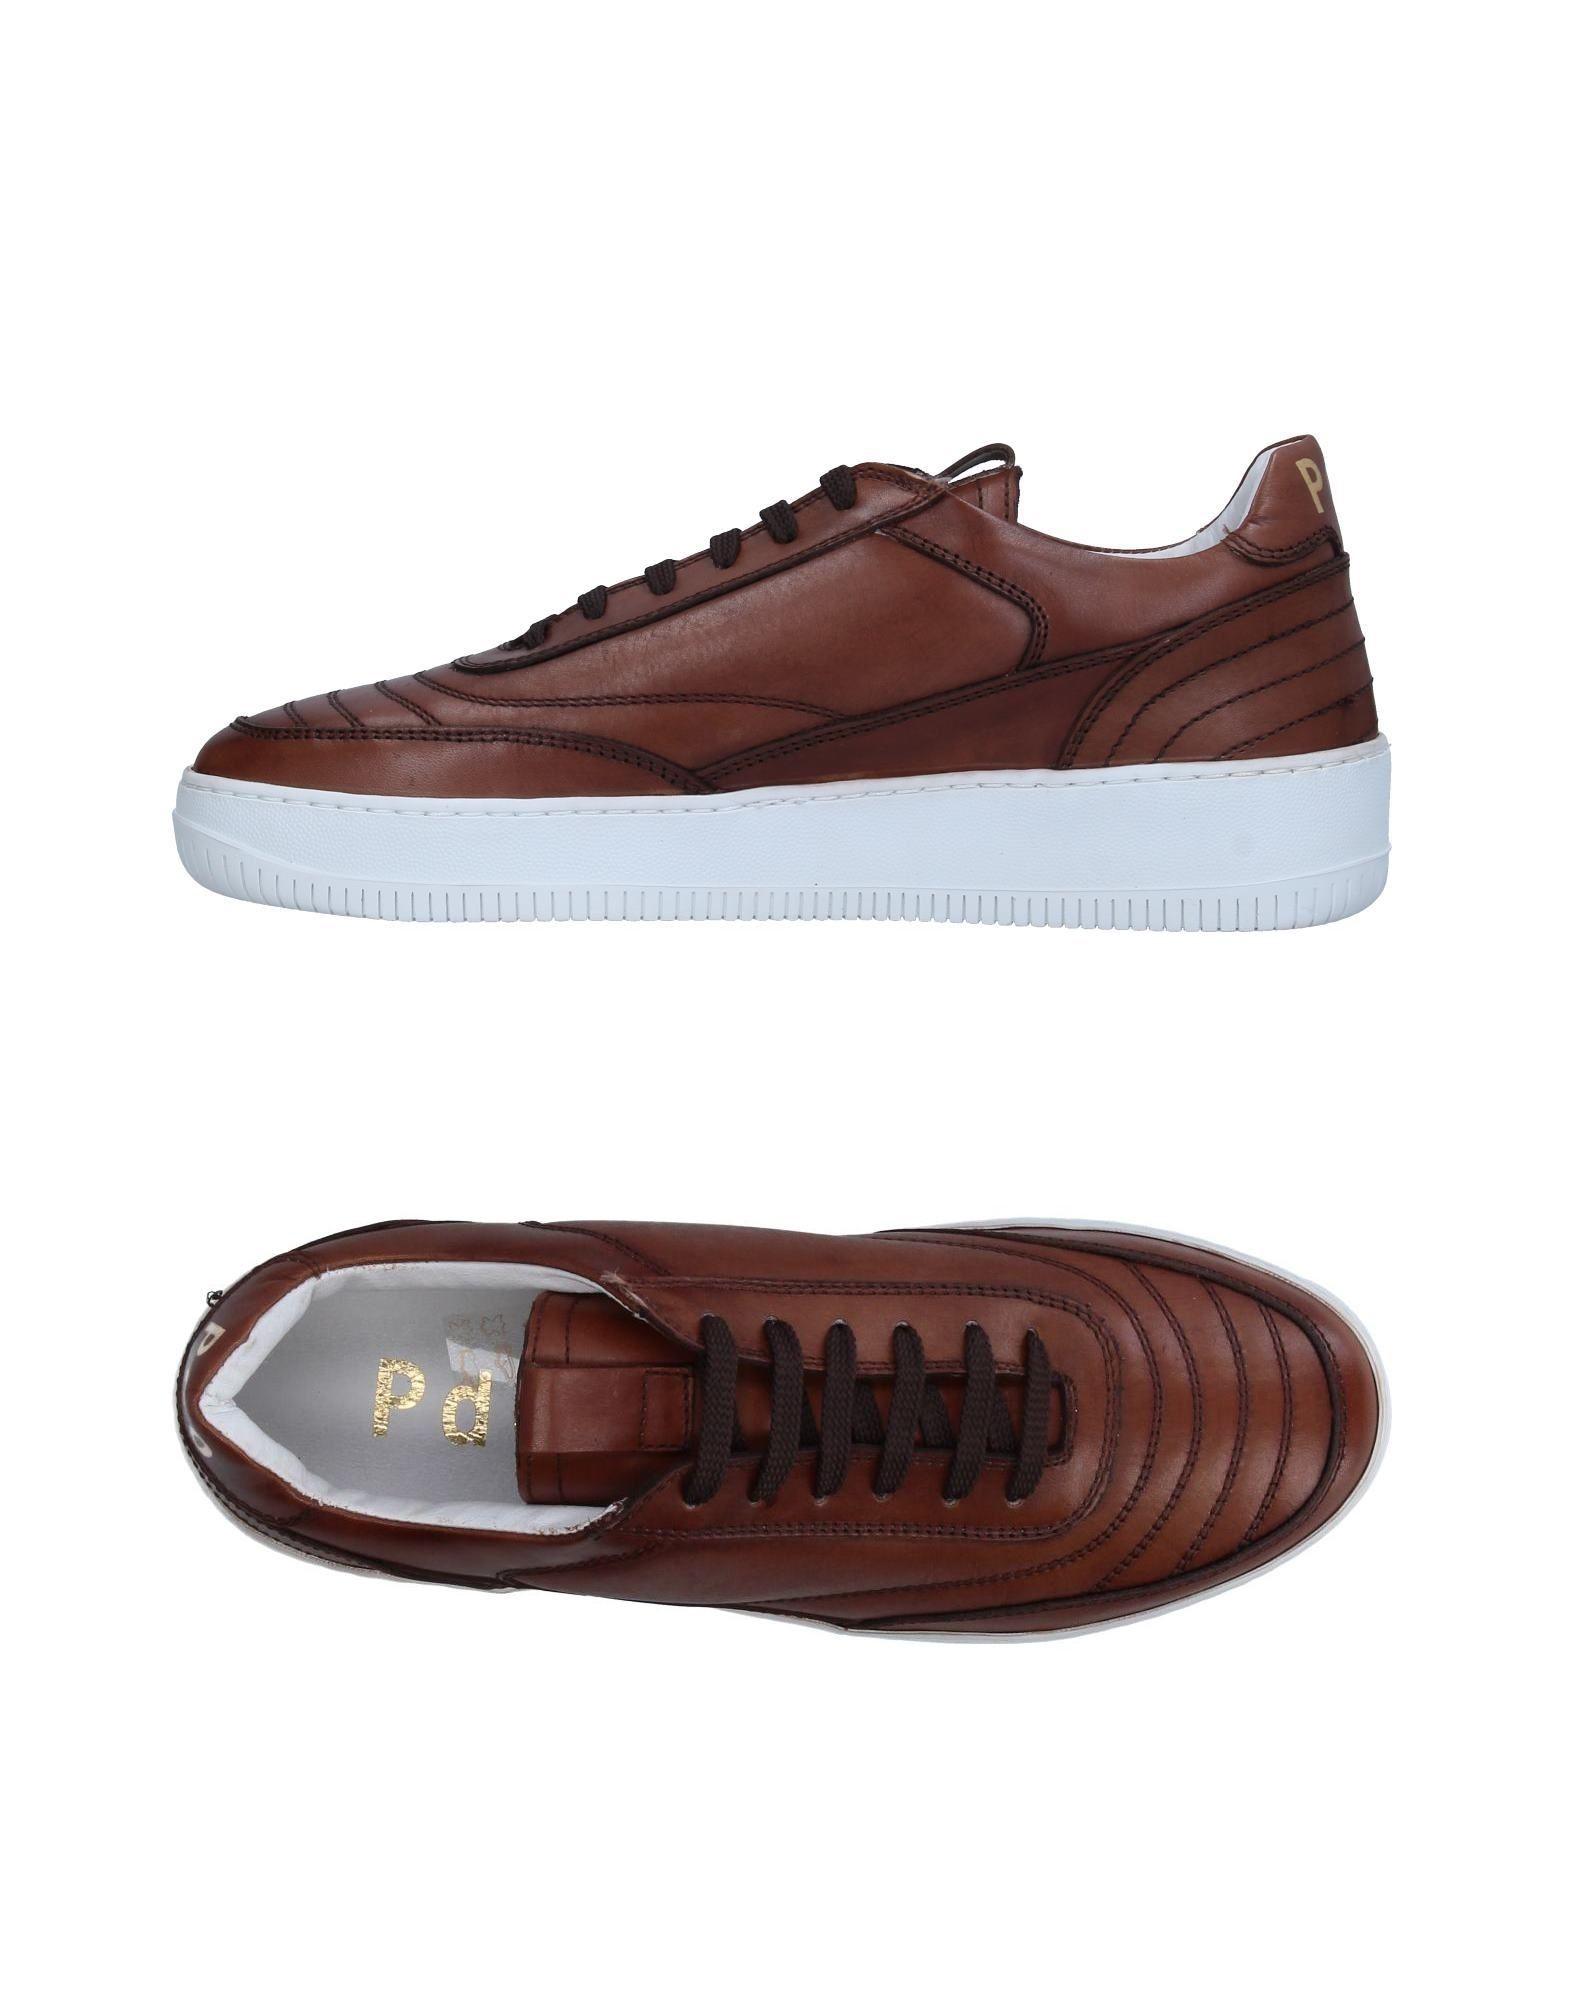 Pantofola D'oro Herren Sneakers Herren D'oro  11338627KC 9d6668